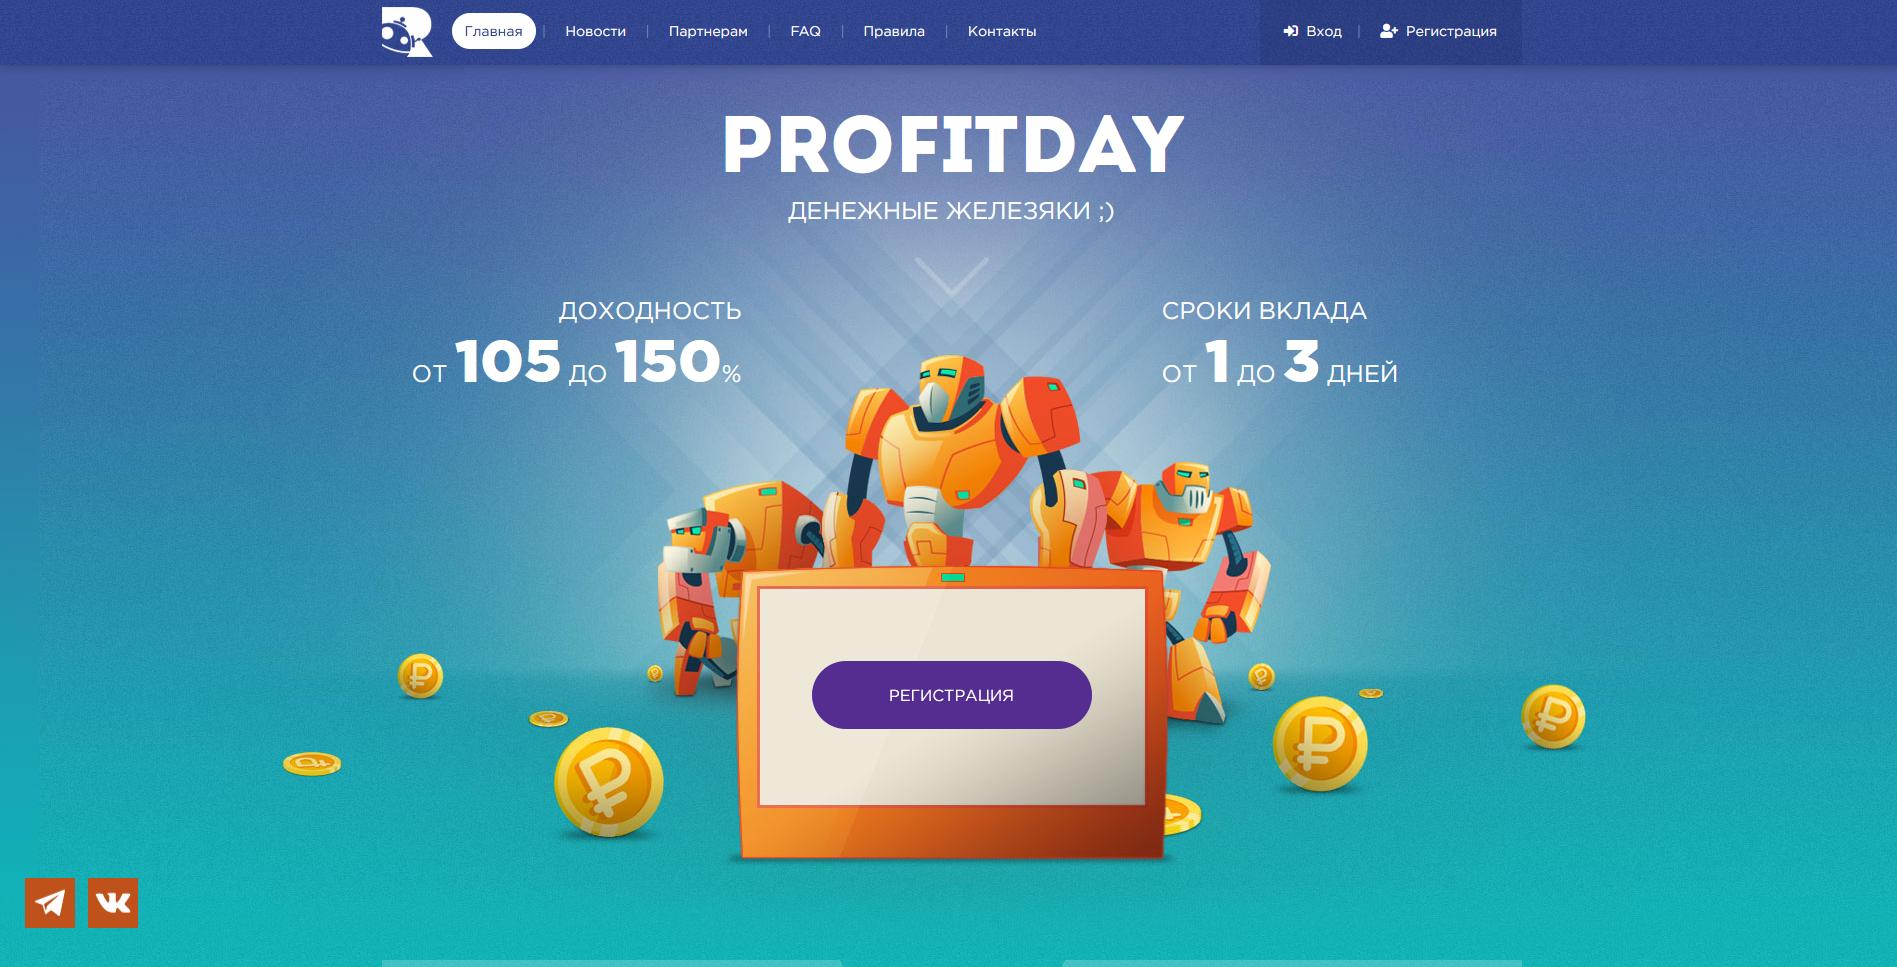 ProfitDay